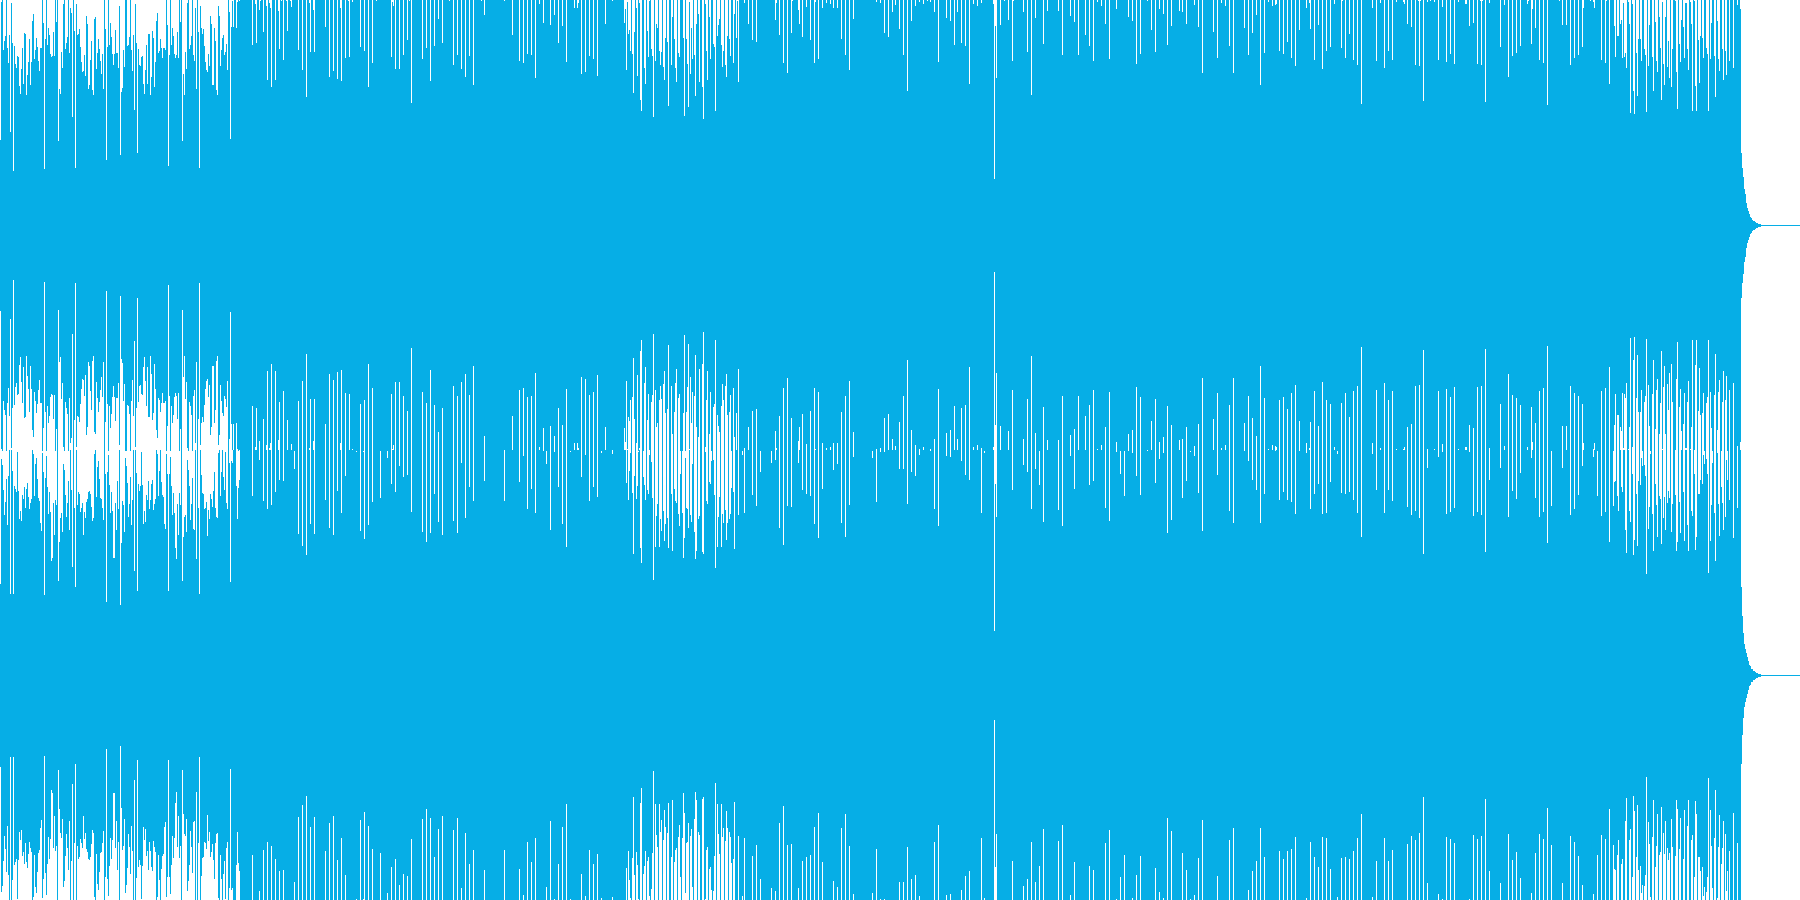 アニメ映像系を連想させる知的なエレクトロの再生済みの波形